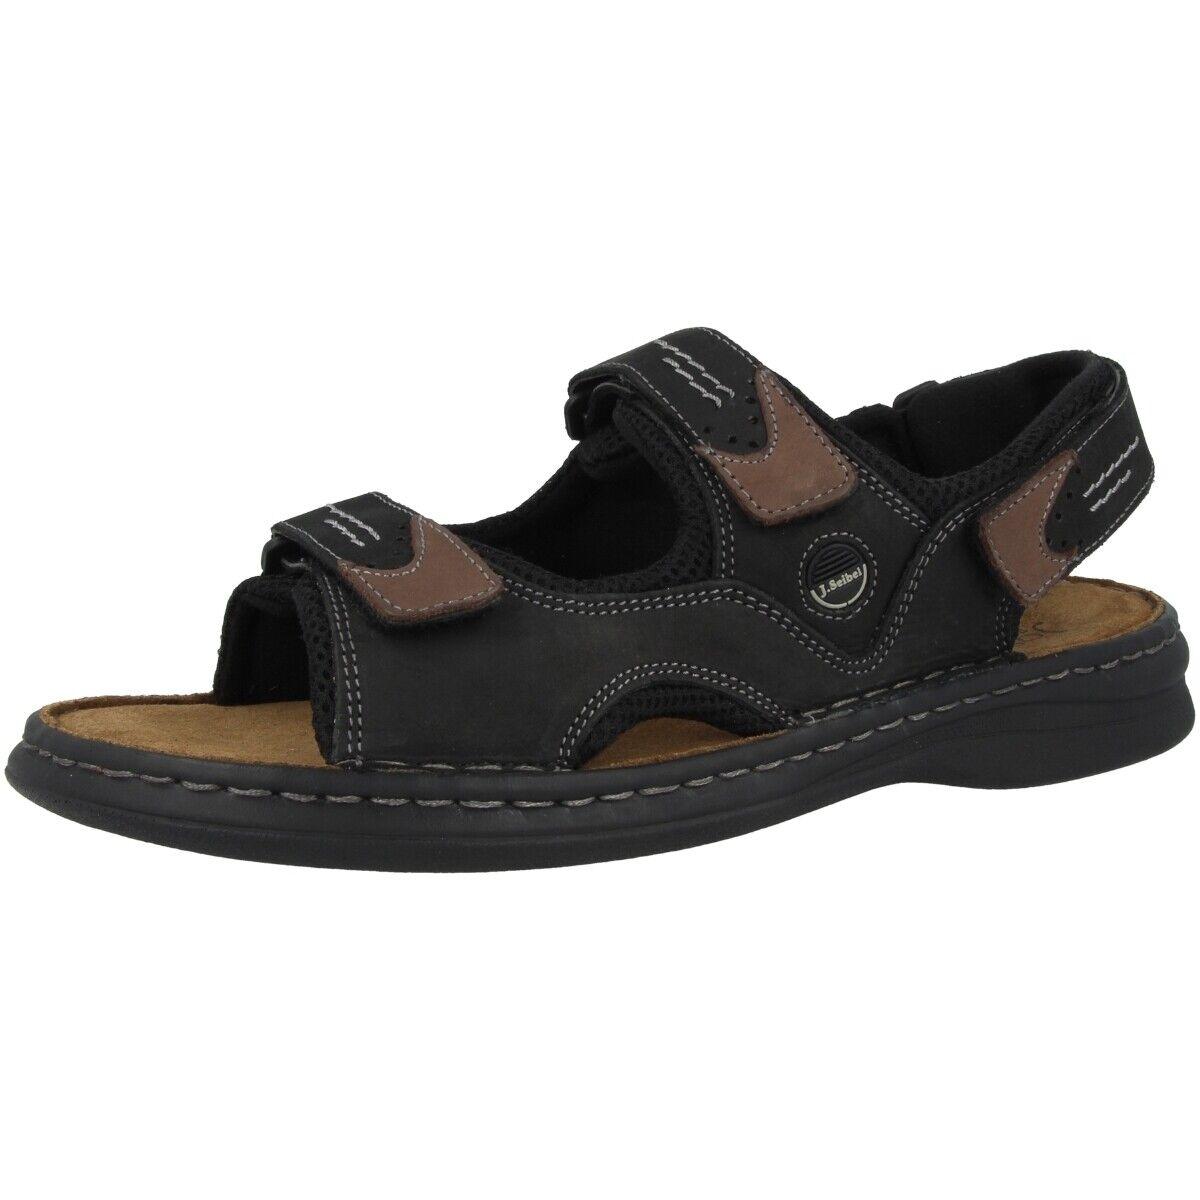 Josef Seibel Franklyn shoes Man Comfort Hiking Sandals 10236-11-101